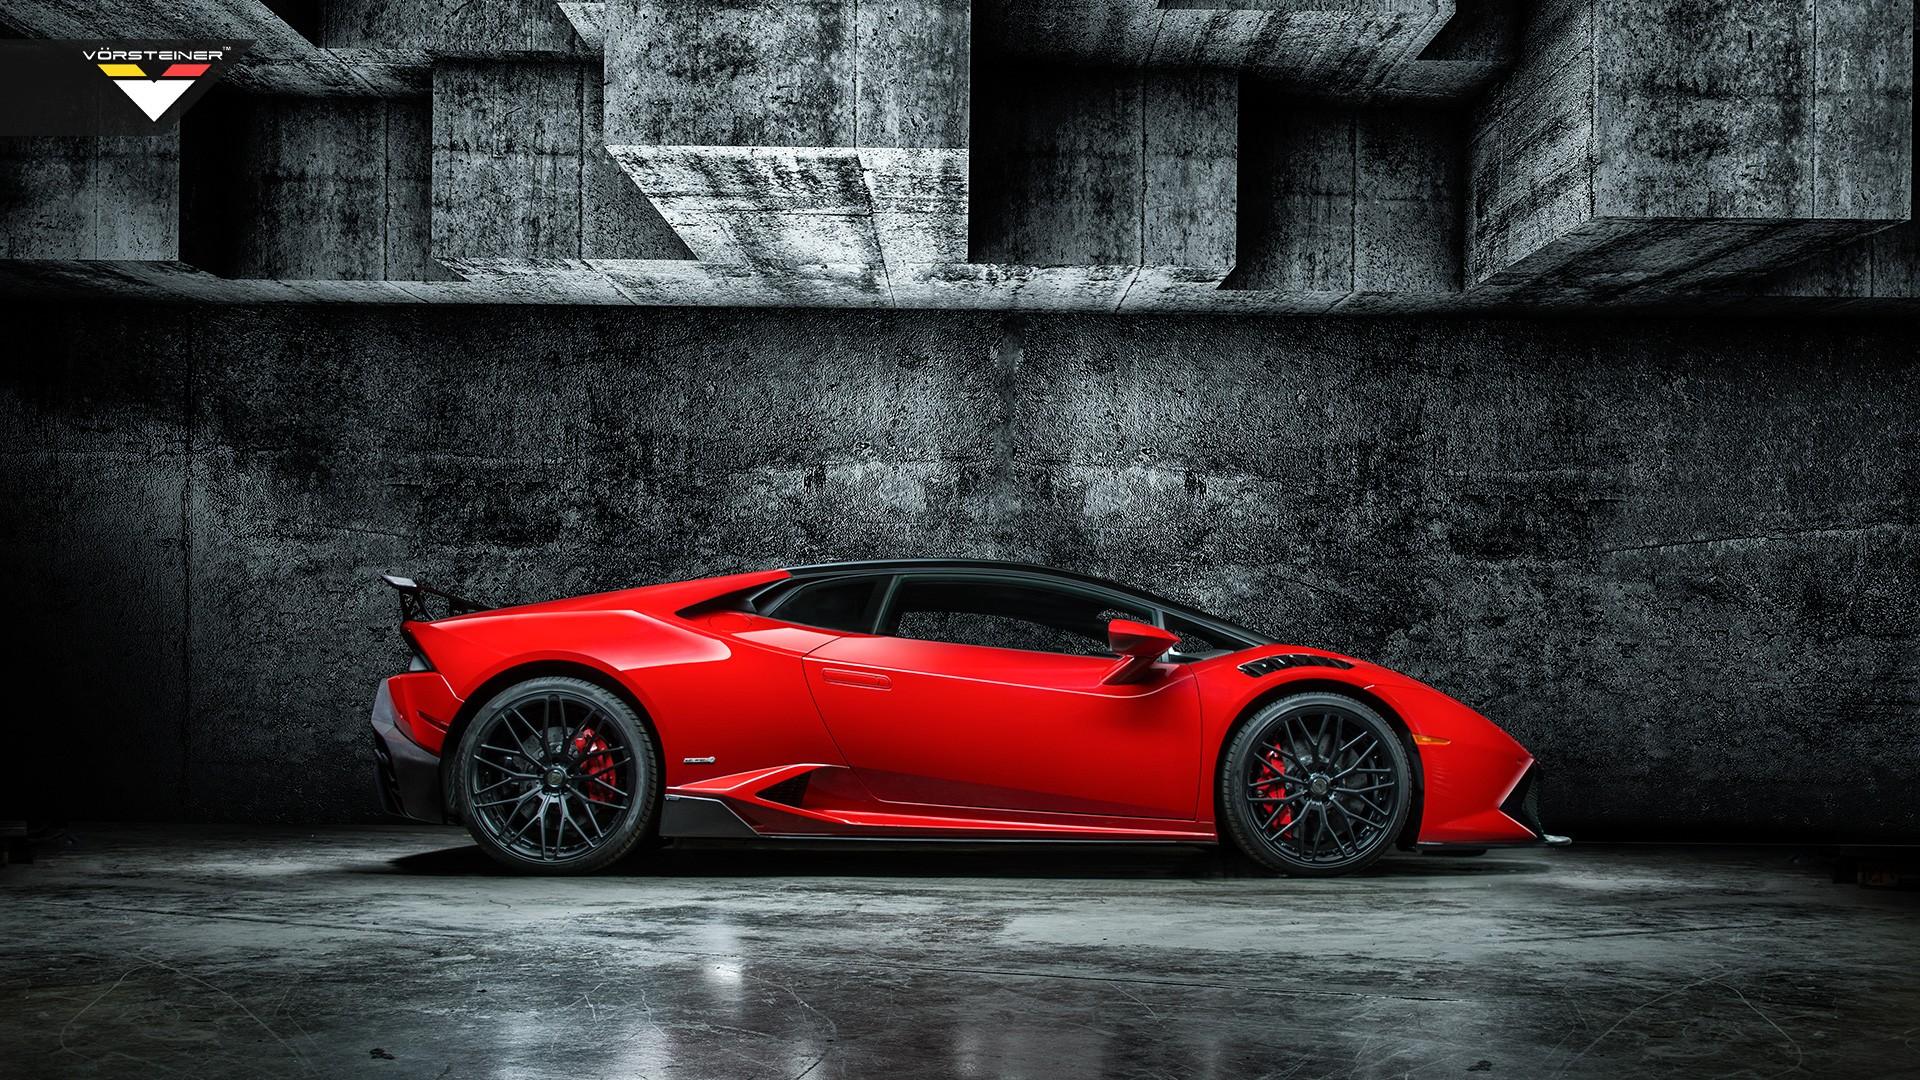 2016 Rosso Mars Novara Edizione Lamborghini Huracan 4